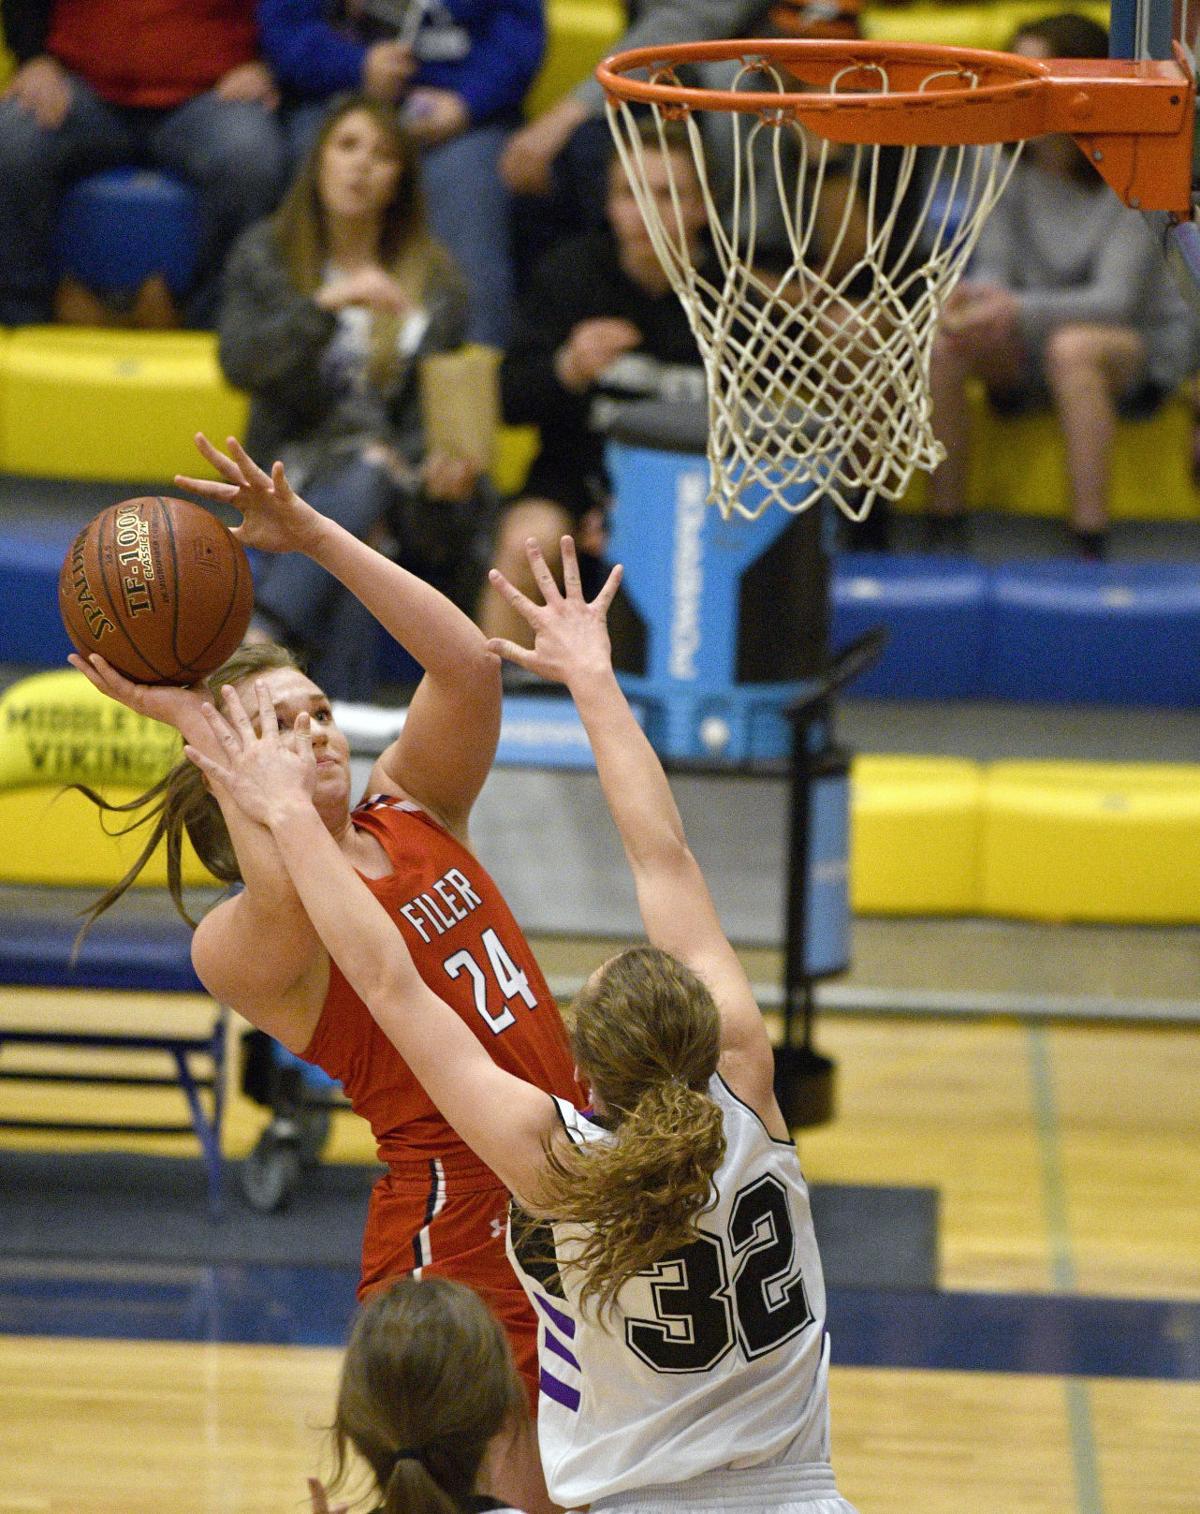 Girls State Basketball - Filer Vs. Snake River